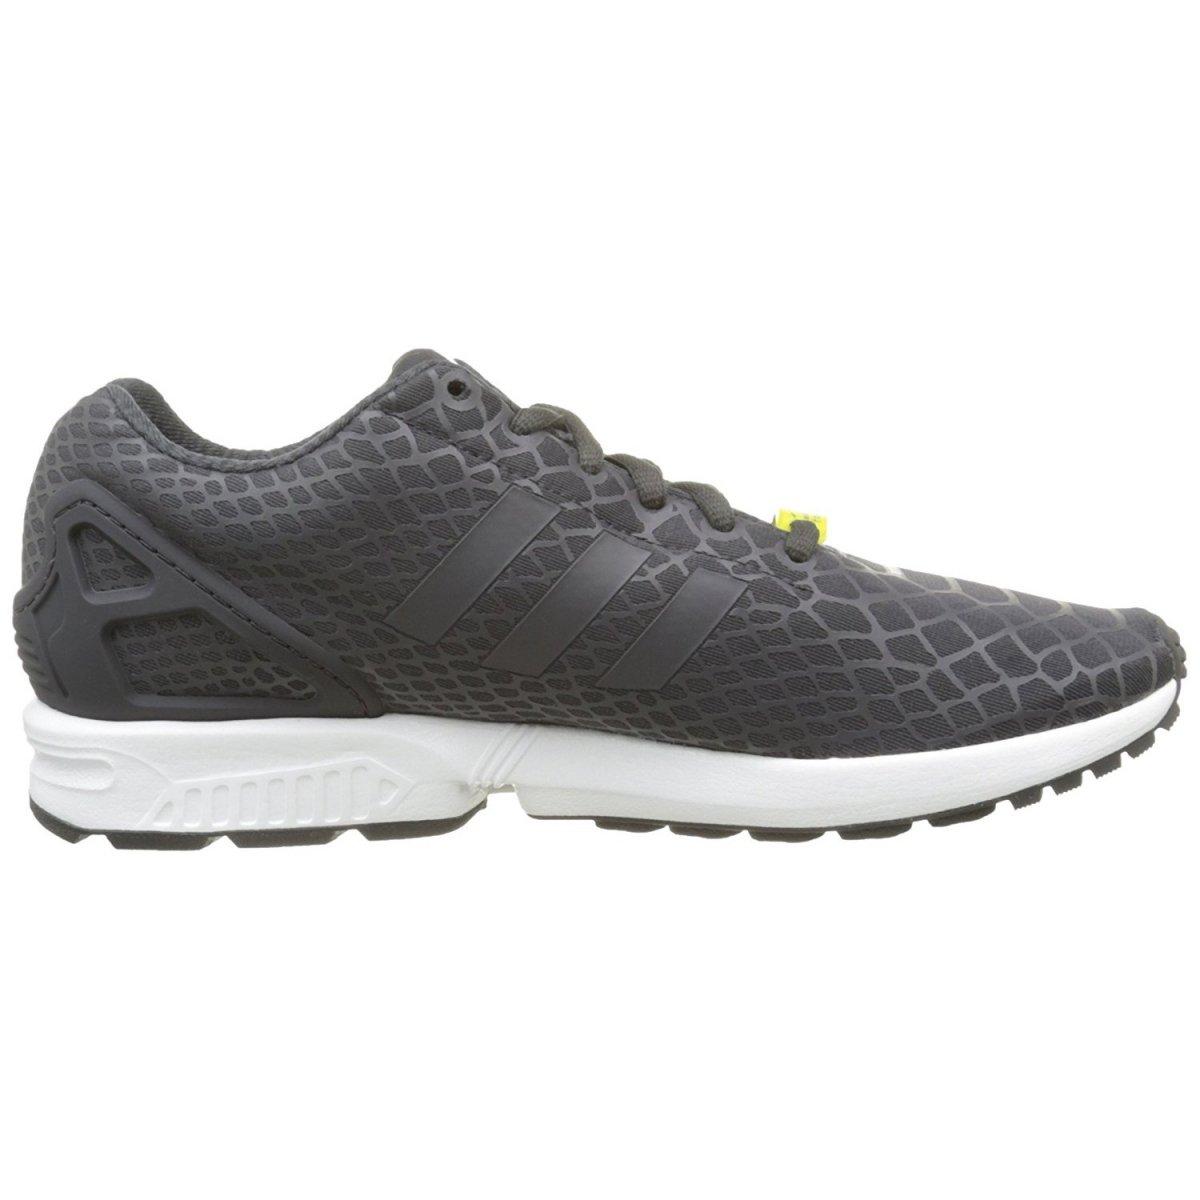 a85f3e274 Details about ADIDAS ORIGINALS ZX FLUX TECHFIT Men Snaekers Athletic Shoes  S75488